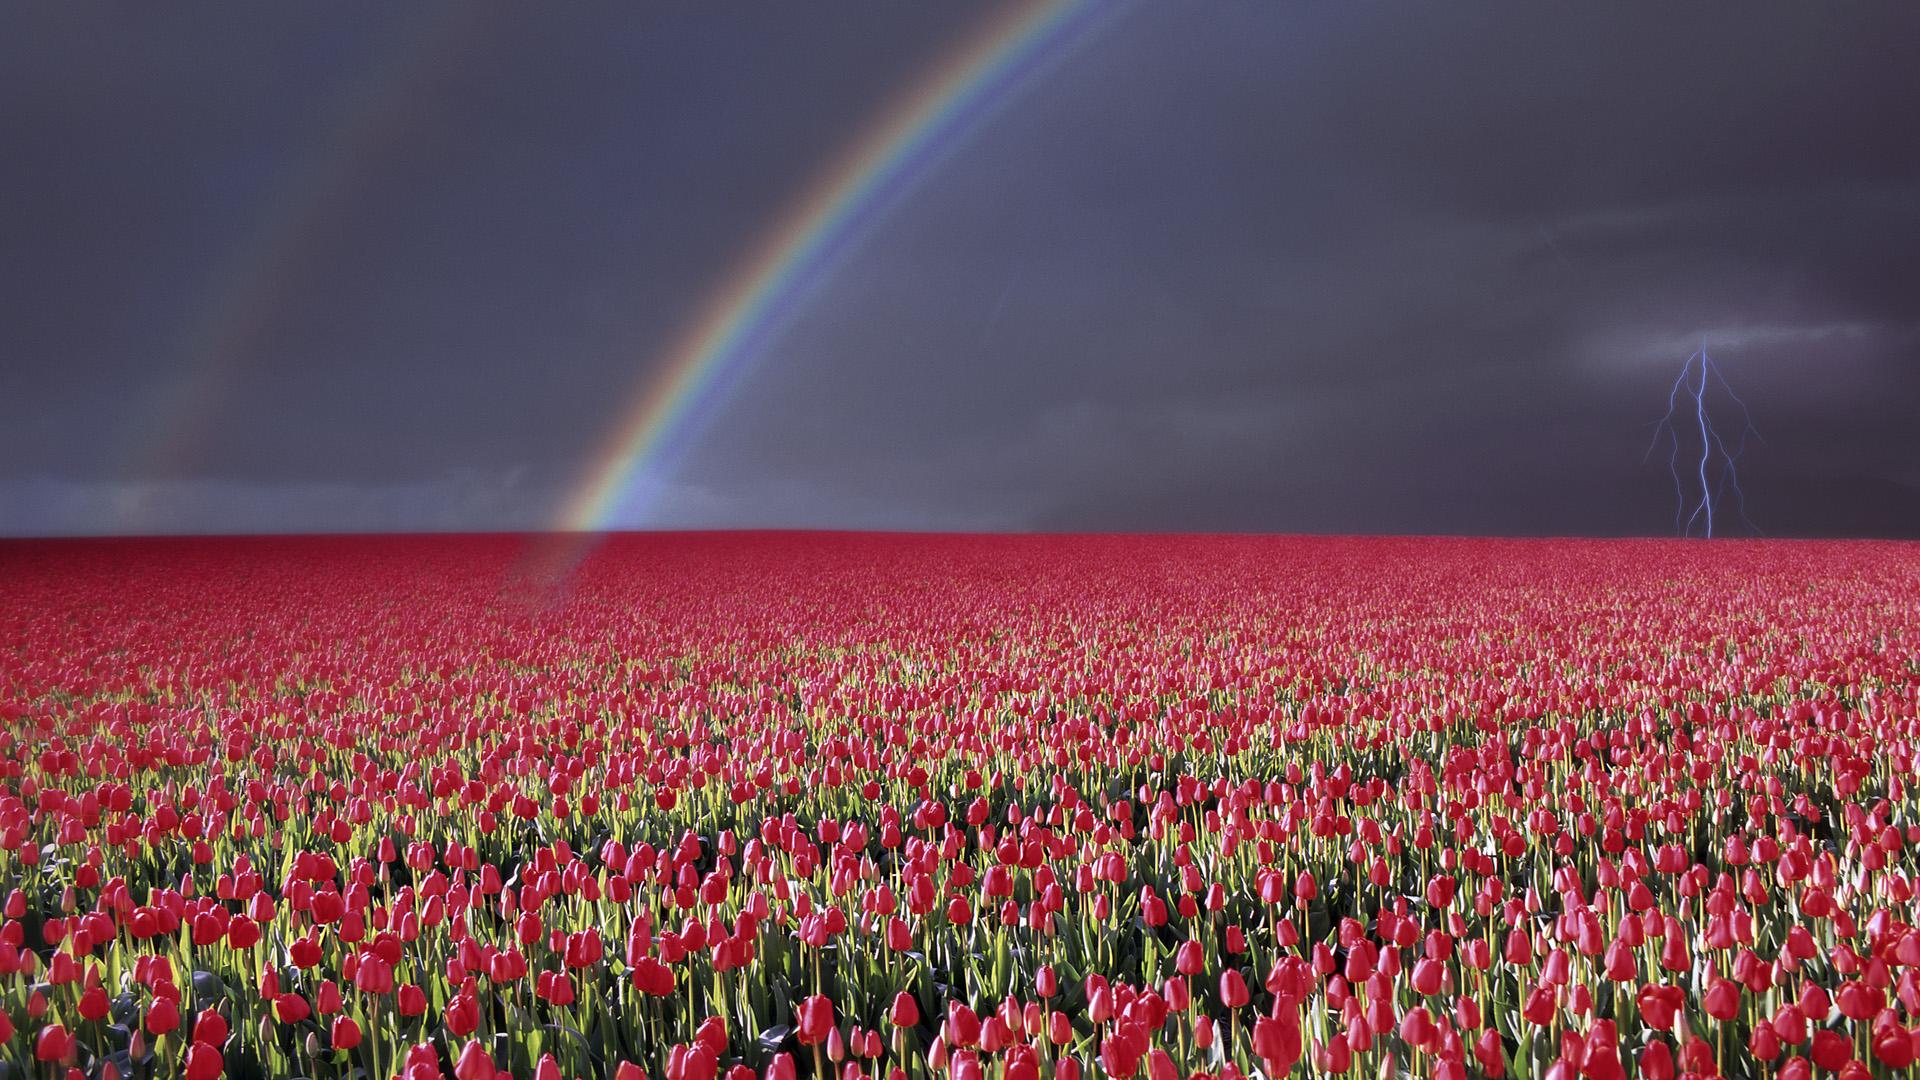 Wallpaper Hd Free For Desktop Of Flowers - Field Of Flowers Rose , HD Wallpaper & Backgrounds